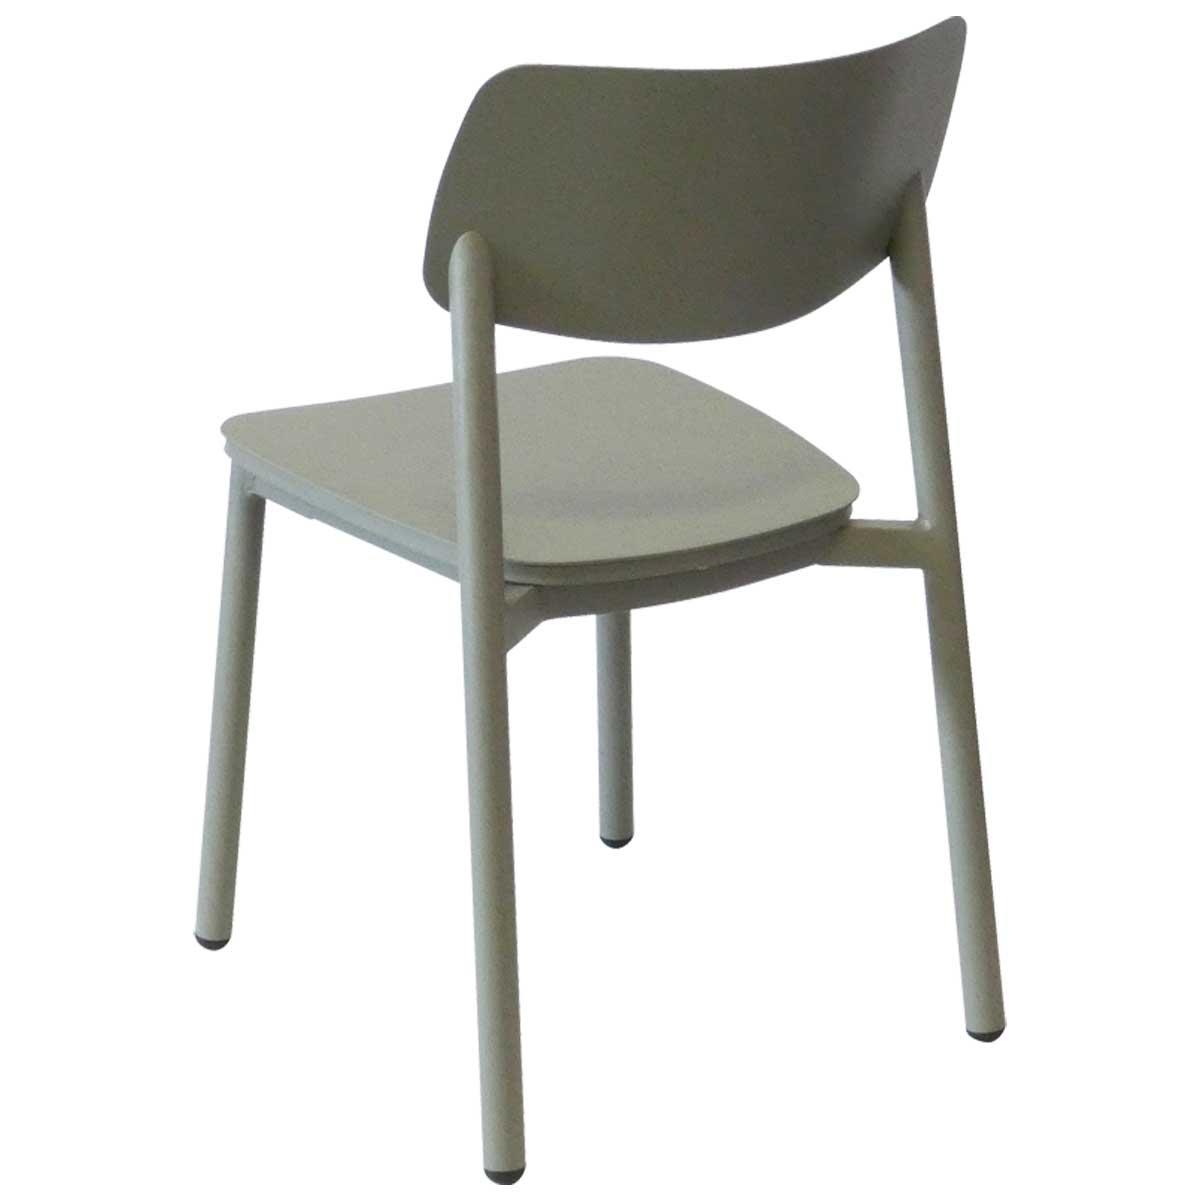 rimini c olive back 01 - https://www.werzalit.com/fr/produit/rimini-stuhl-2/